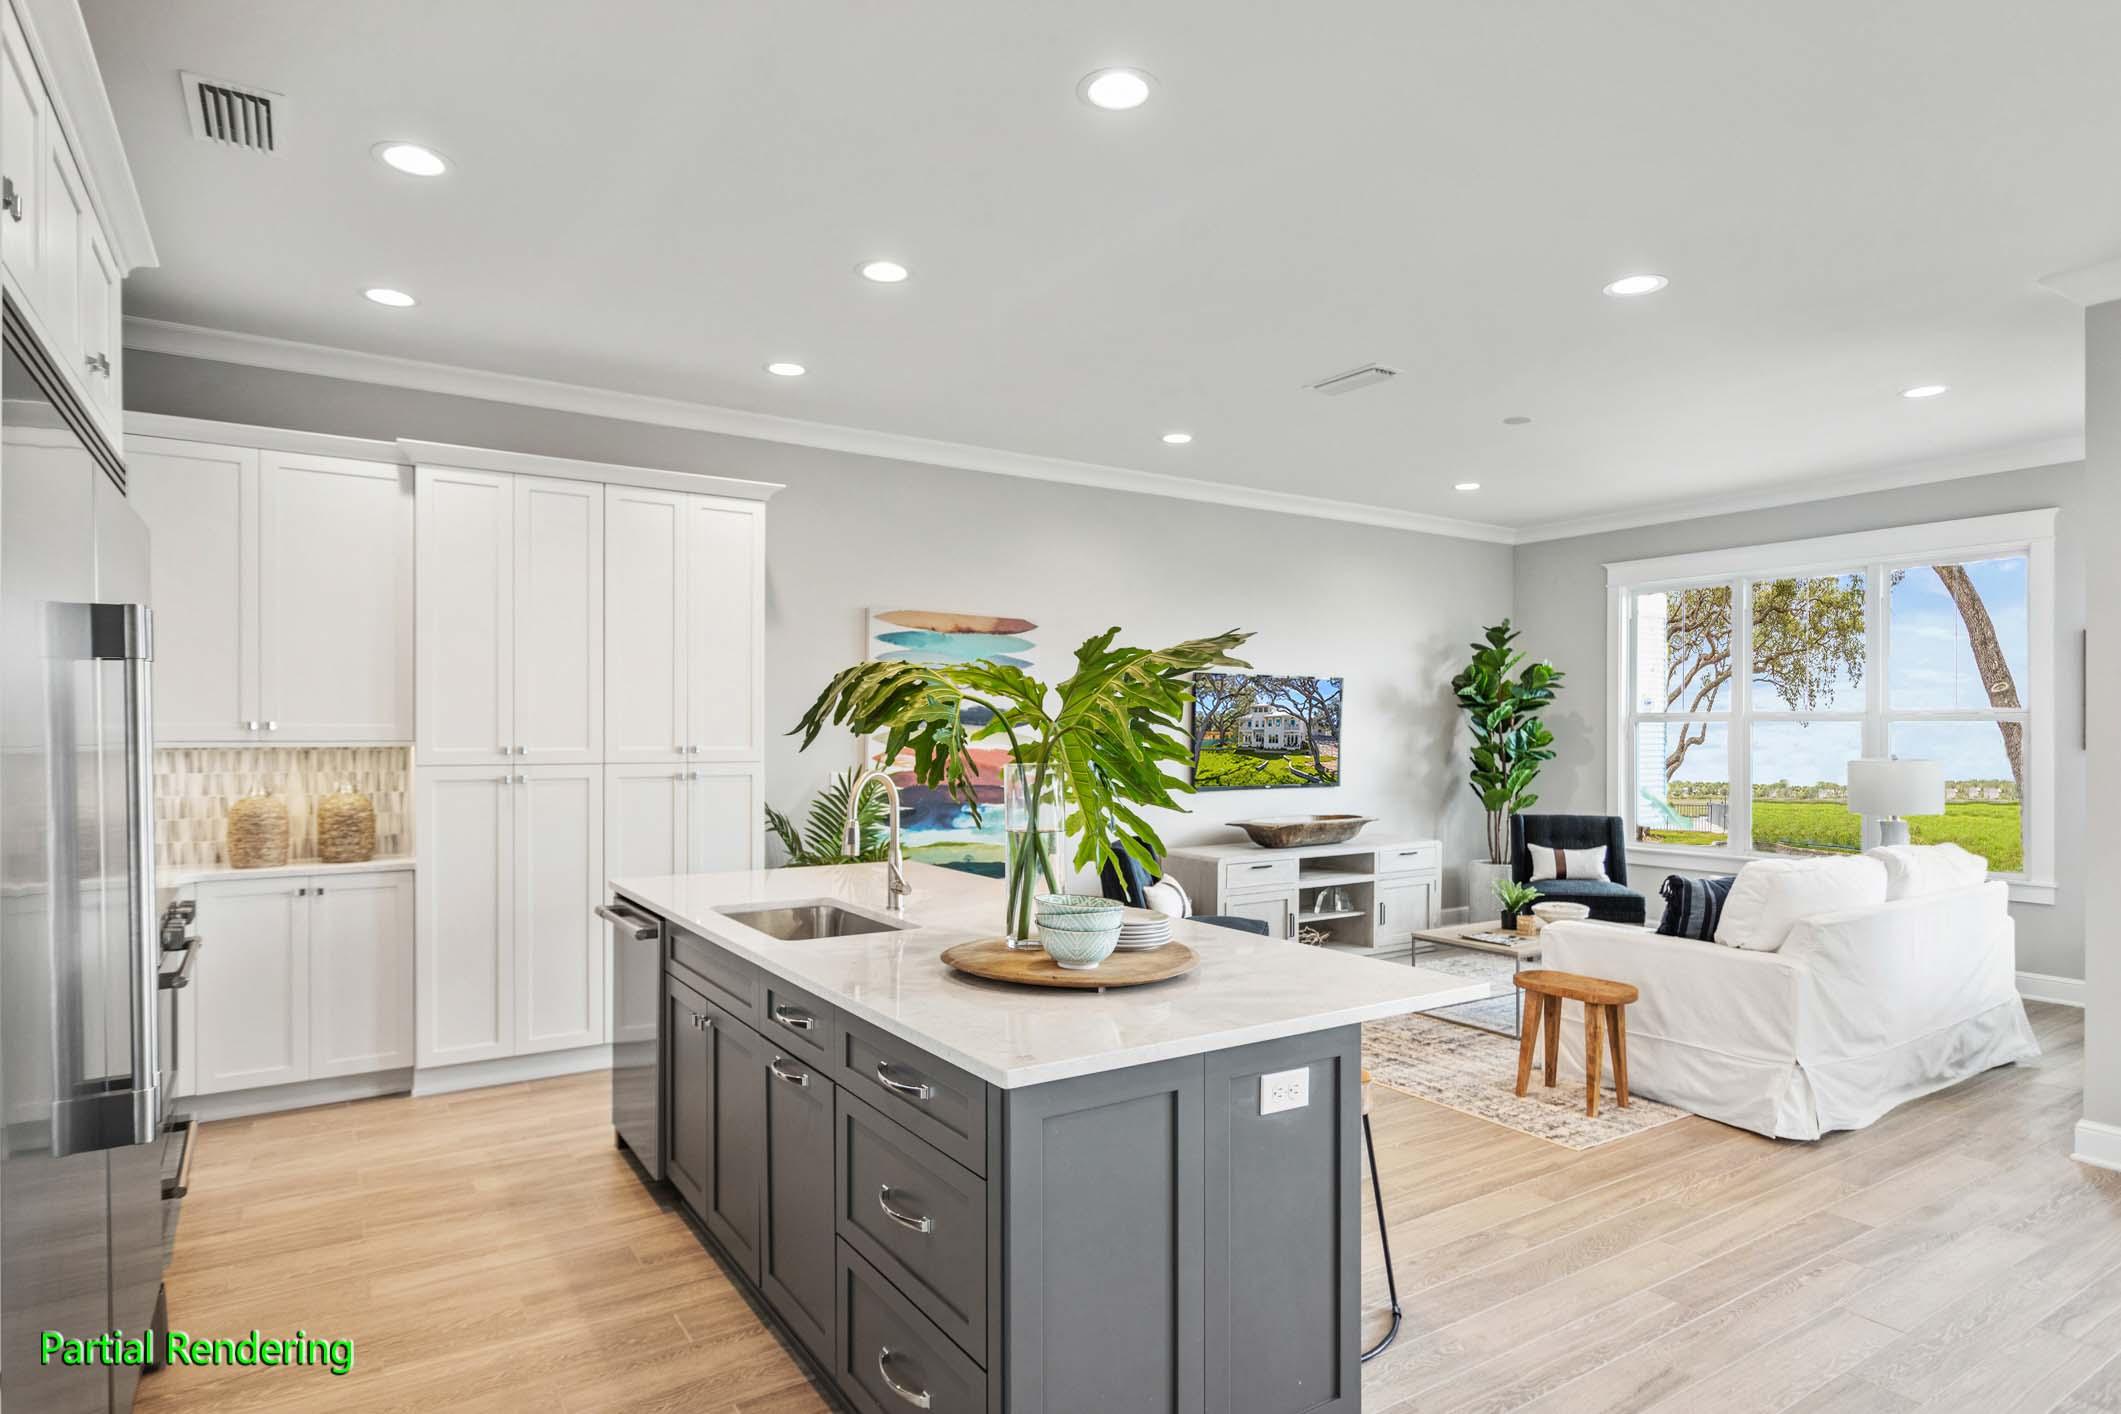 Villa Calissa Property Photos (18 of 32)